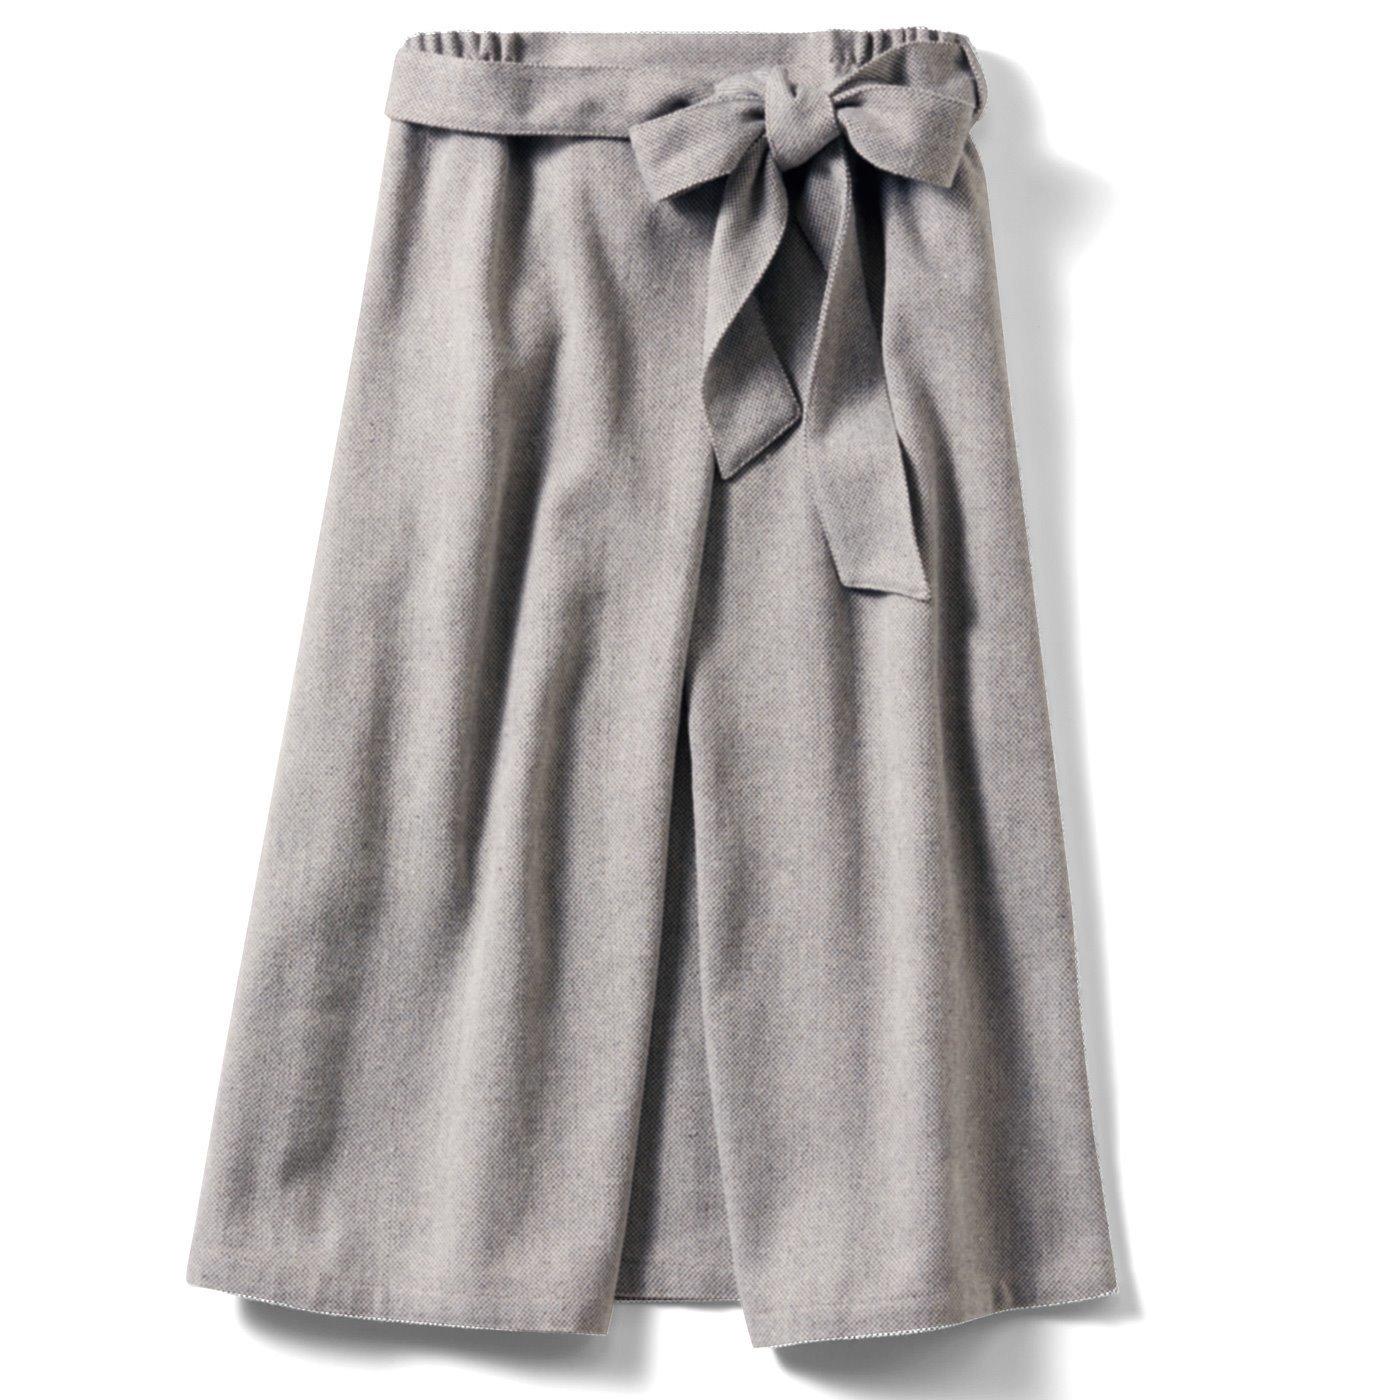 IEDIT[イディット] 巻きスカート風 ミモレ丈のツイードスカート〈グレー〉